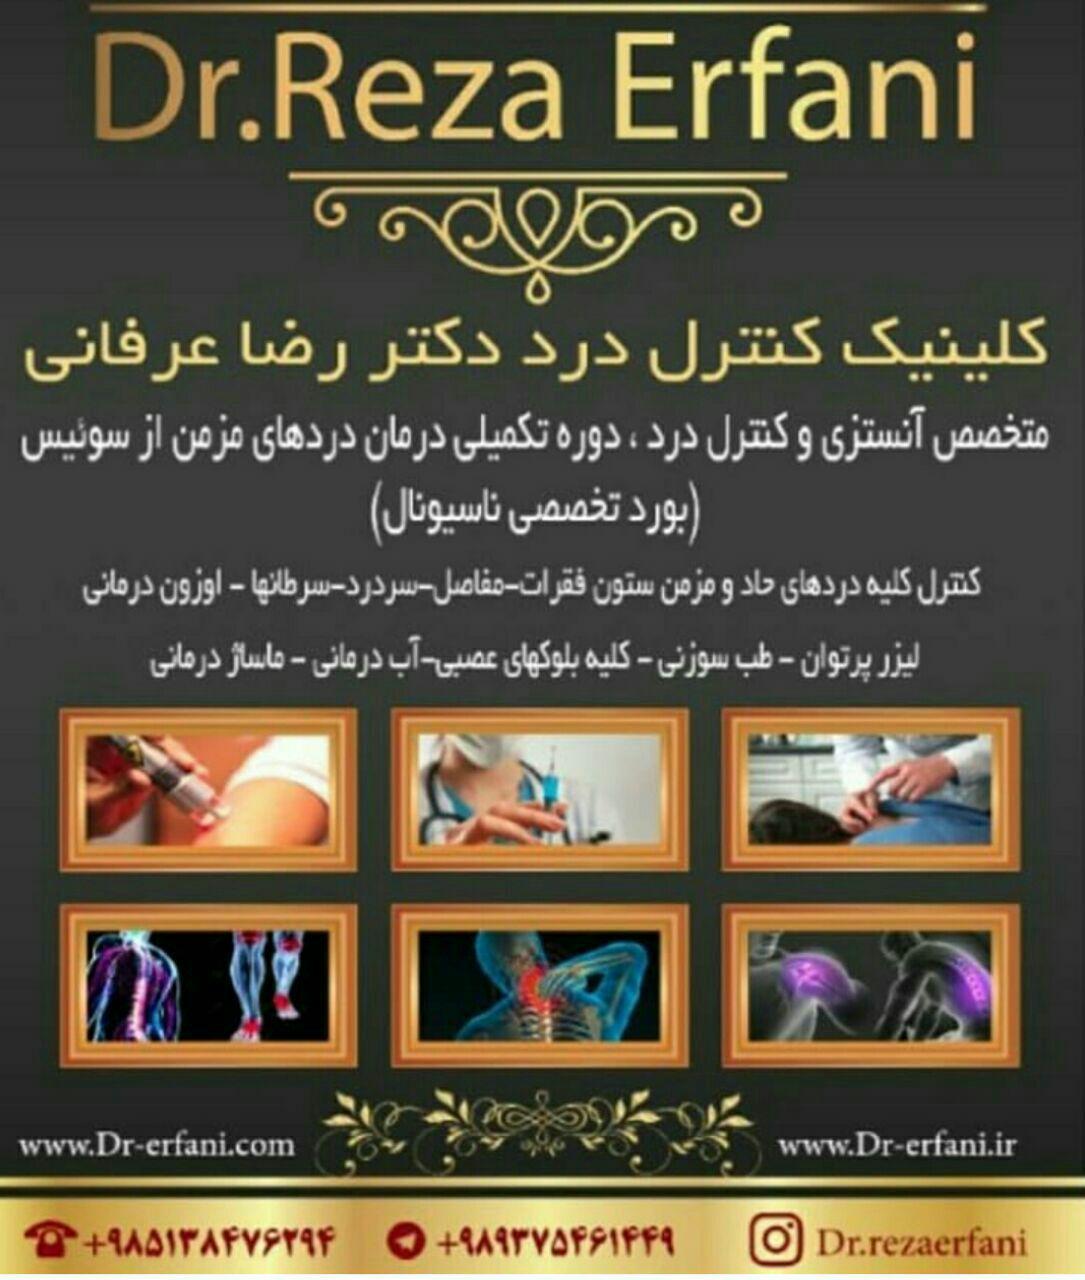 رضا عرفانی سیار متخصص بیهوشی - مشهد